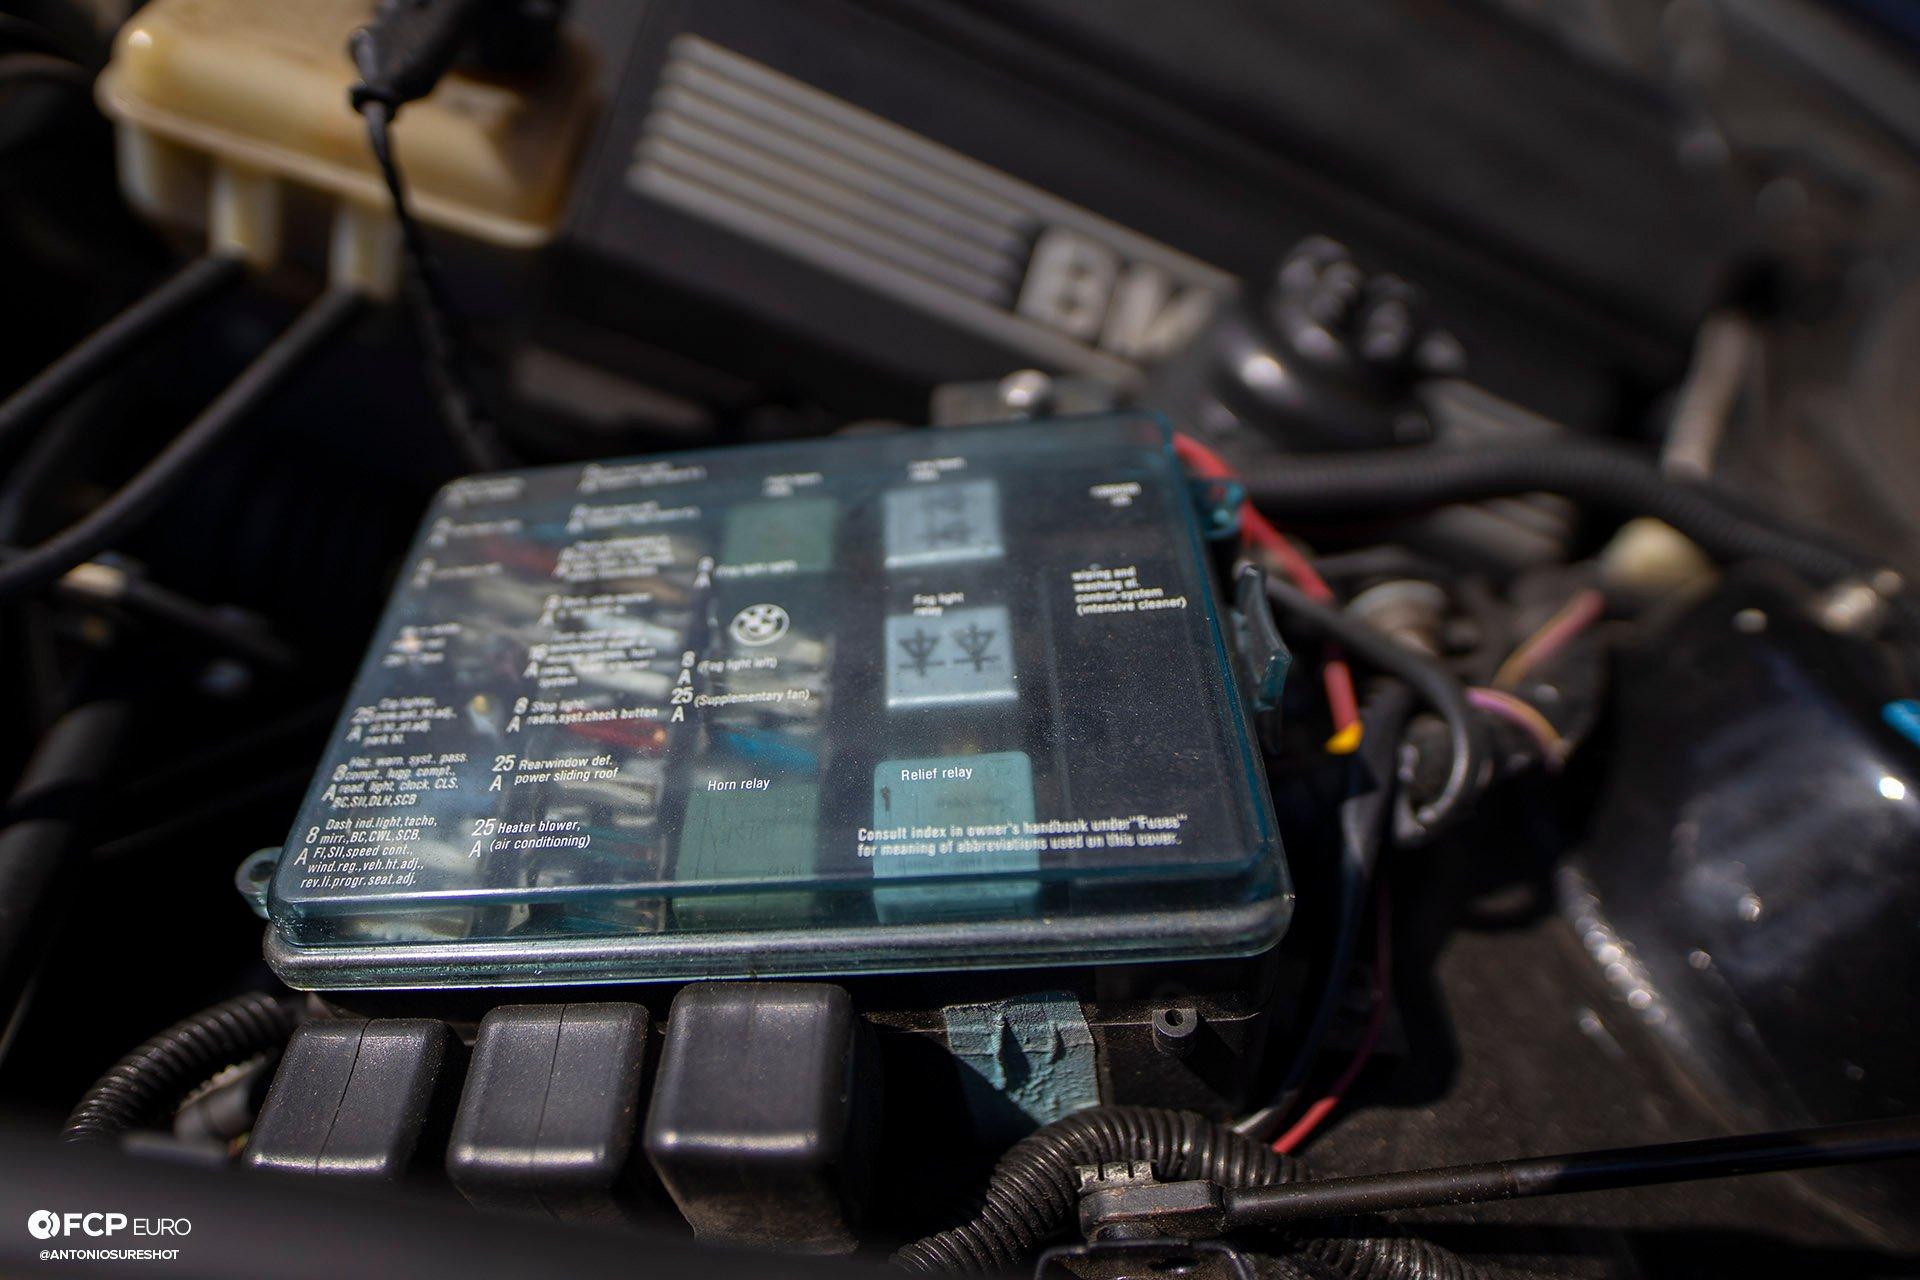 BMW E28 M60B40 V8 Engine Swap 535i Fuse Box